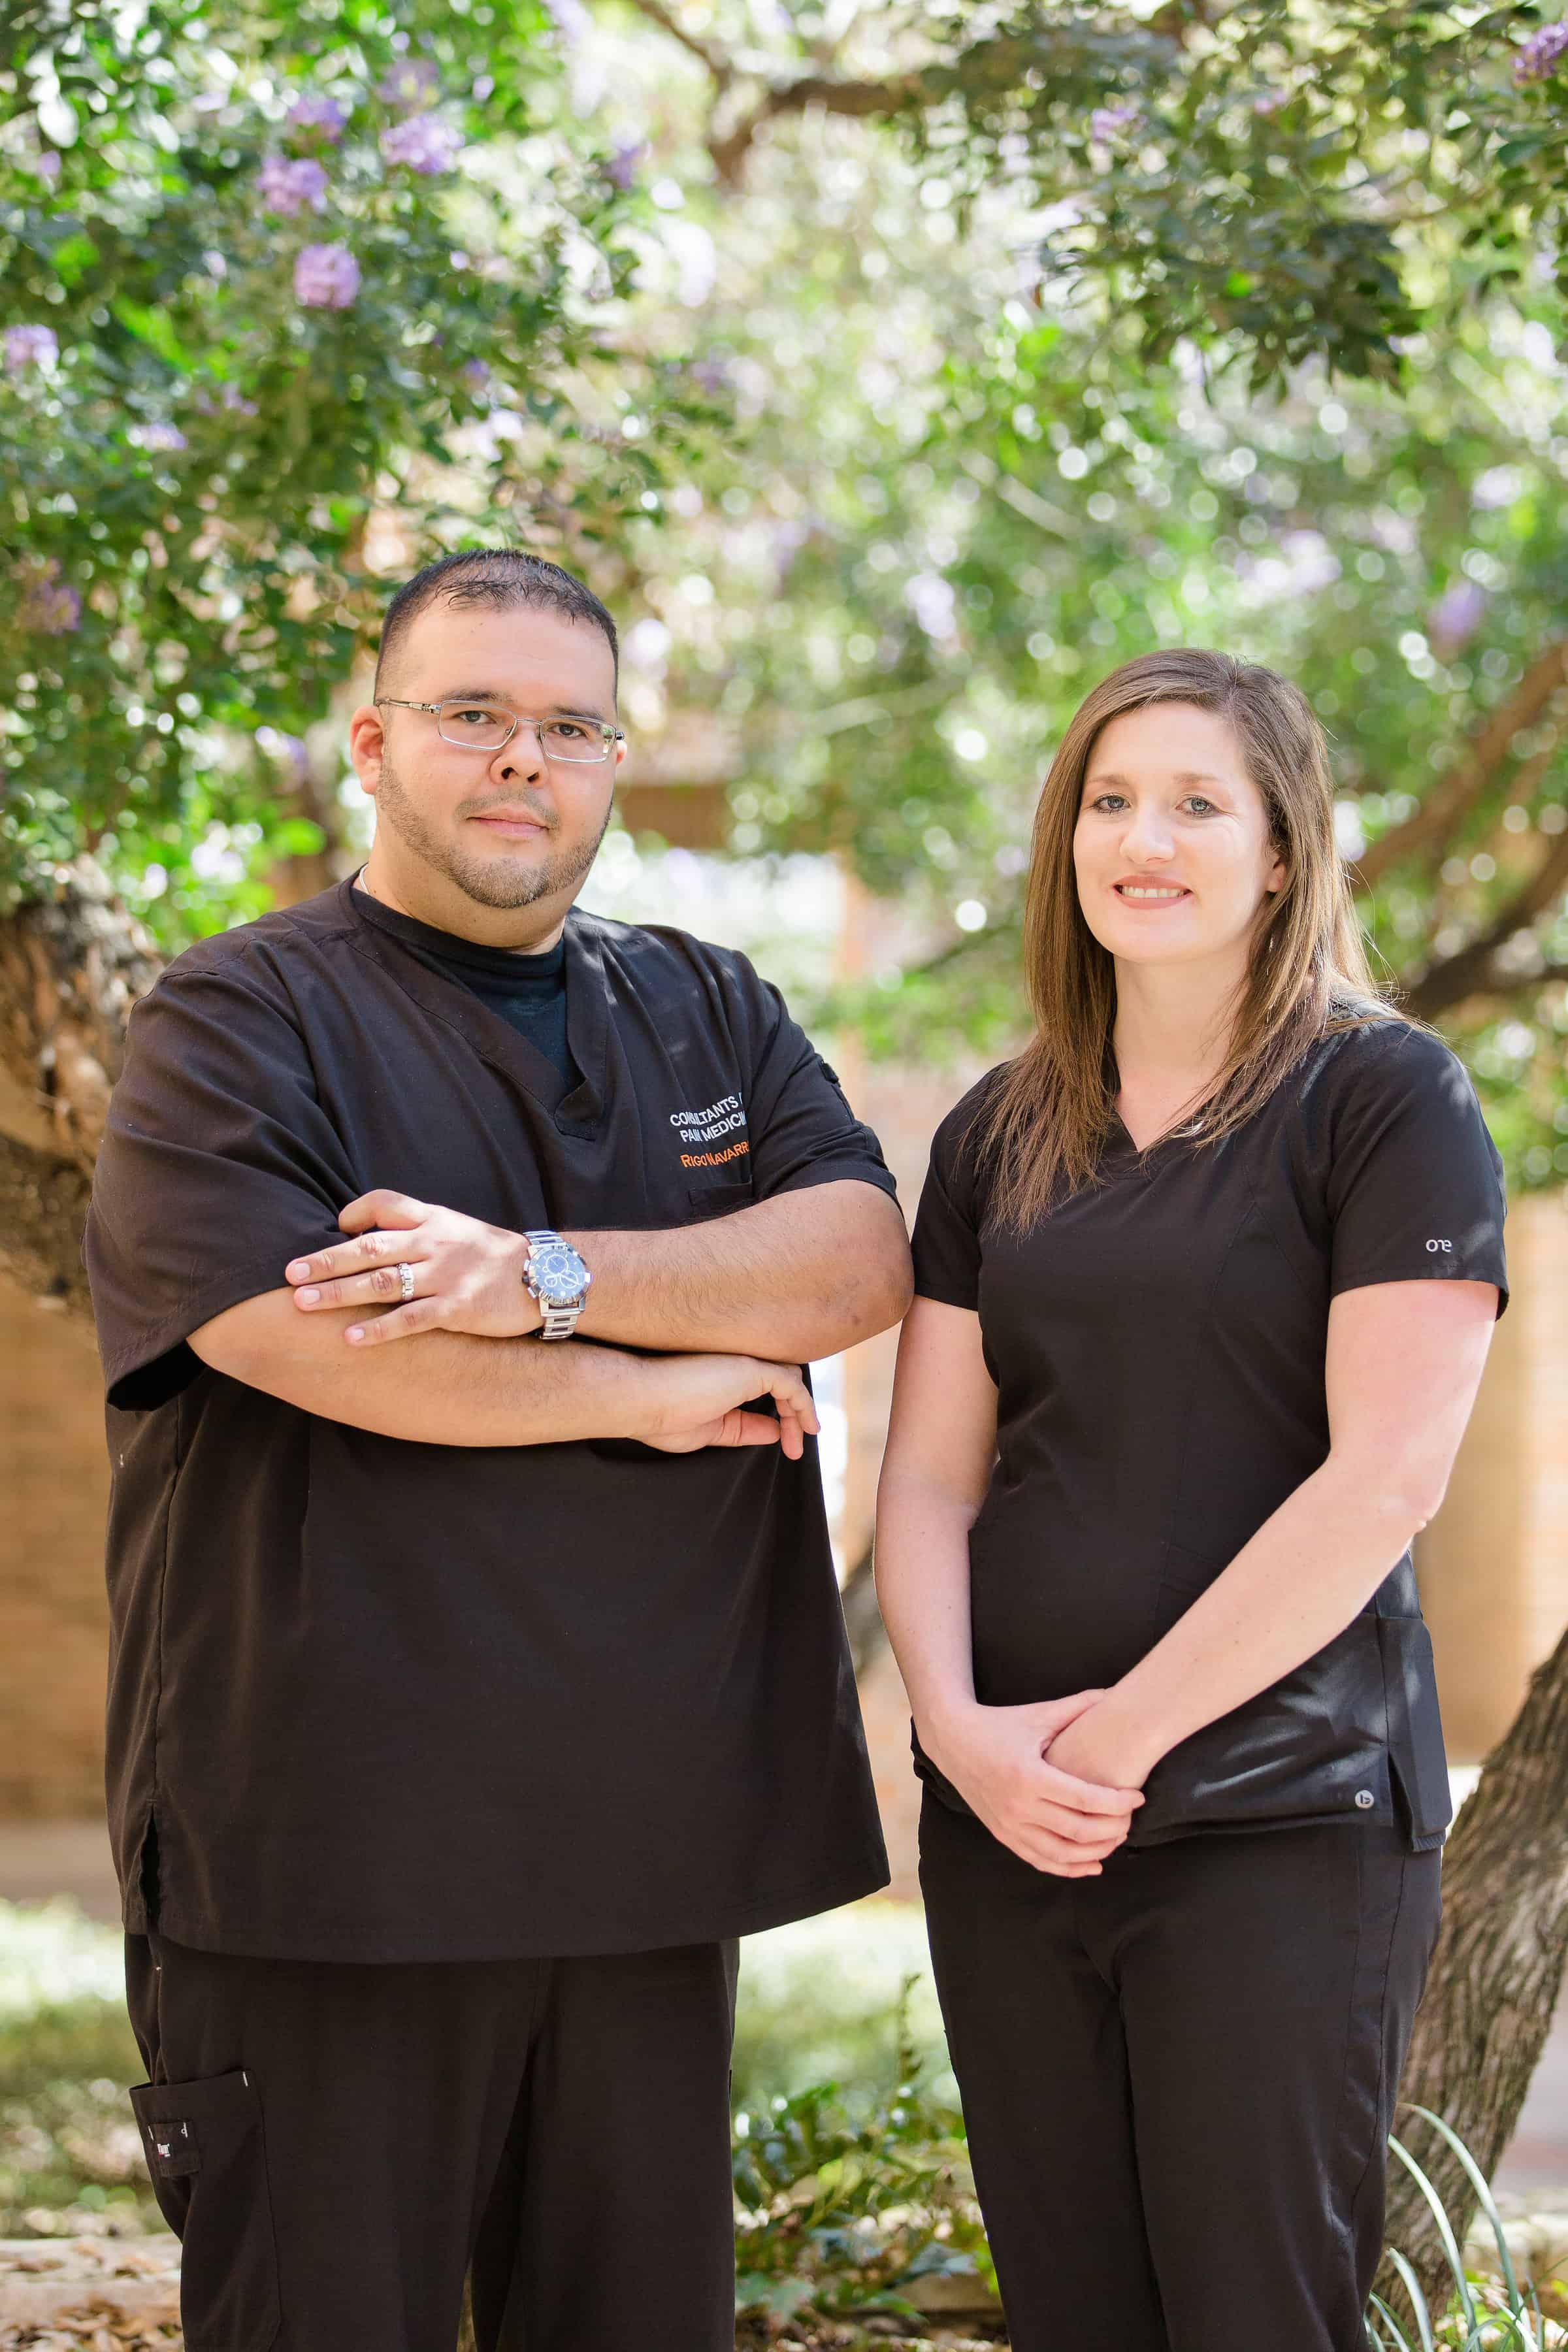 Rigoberto Navarro and Ashley Neurohr | Texas pain specialists